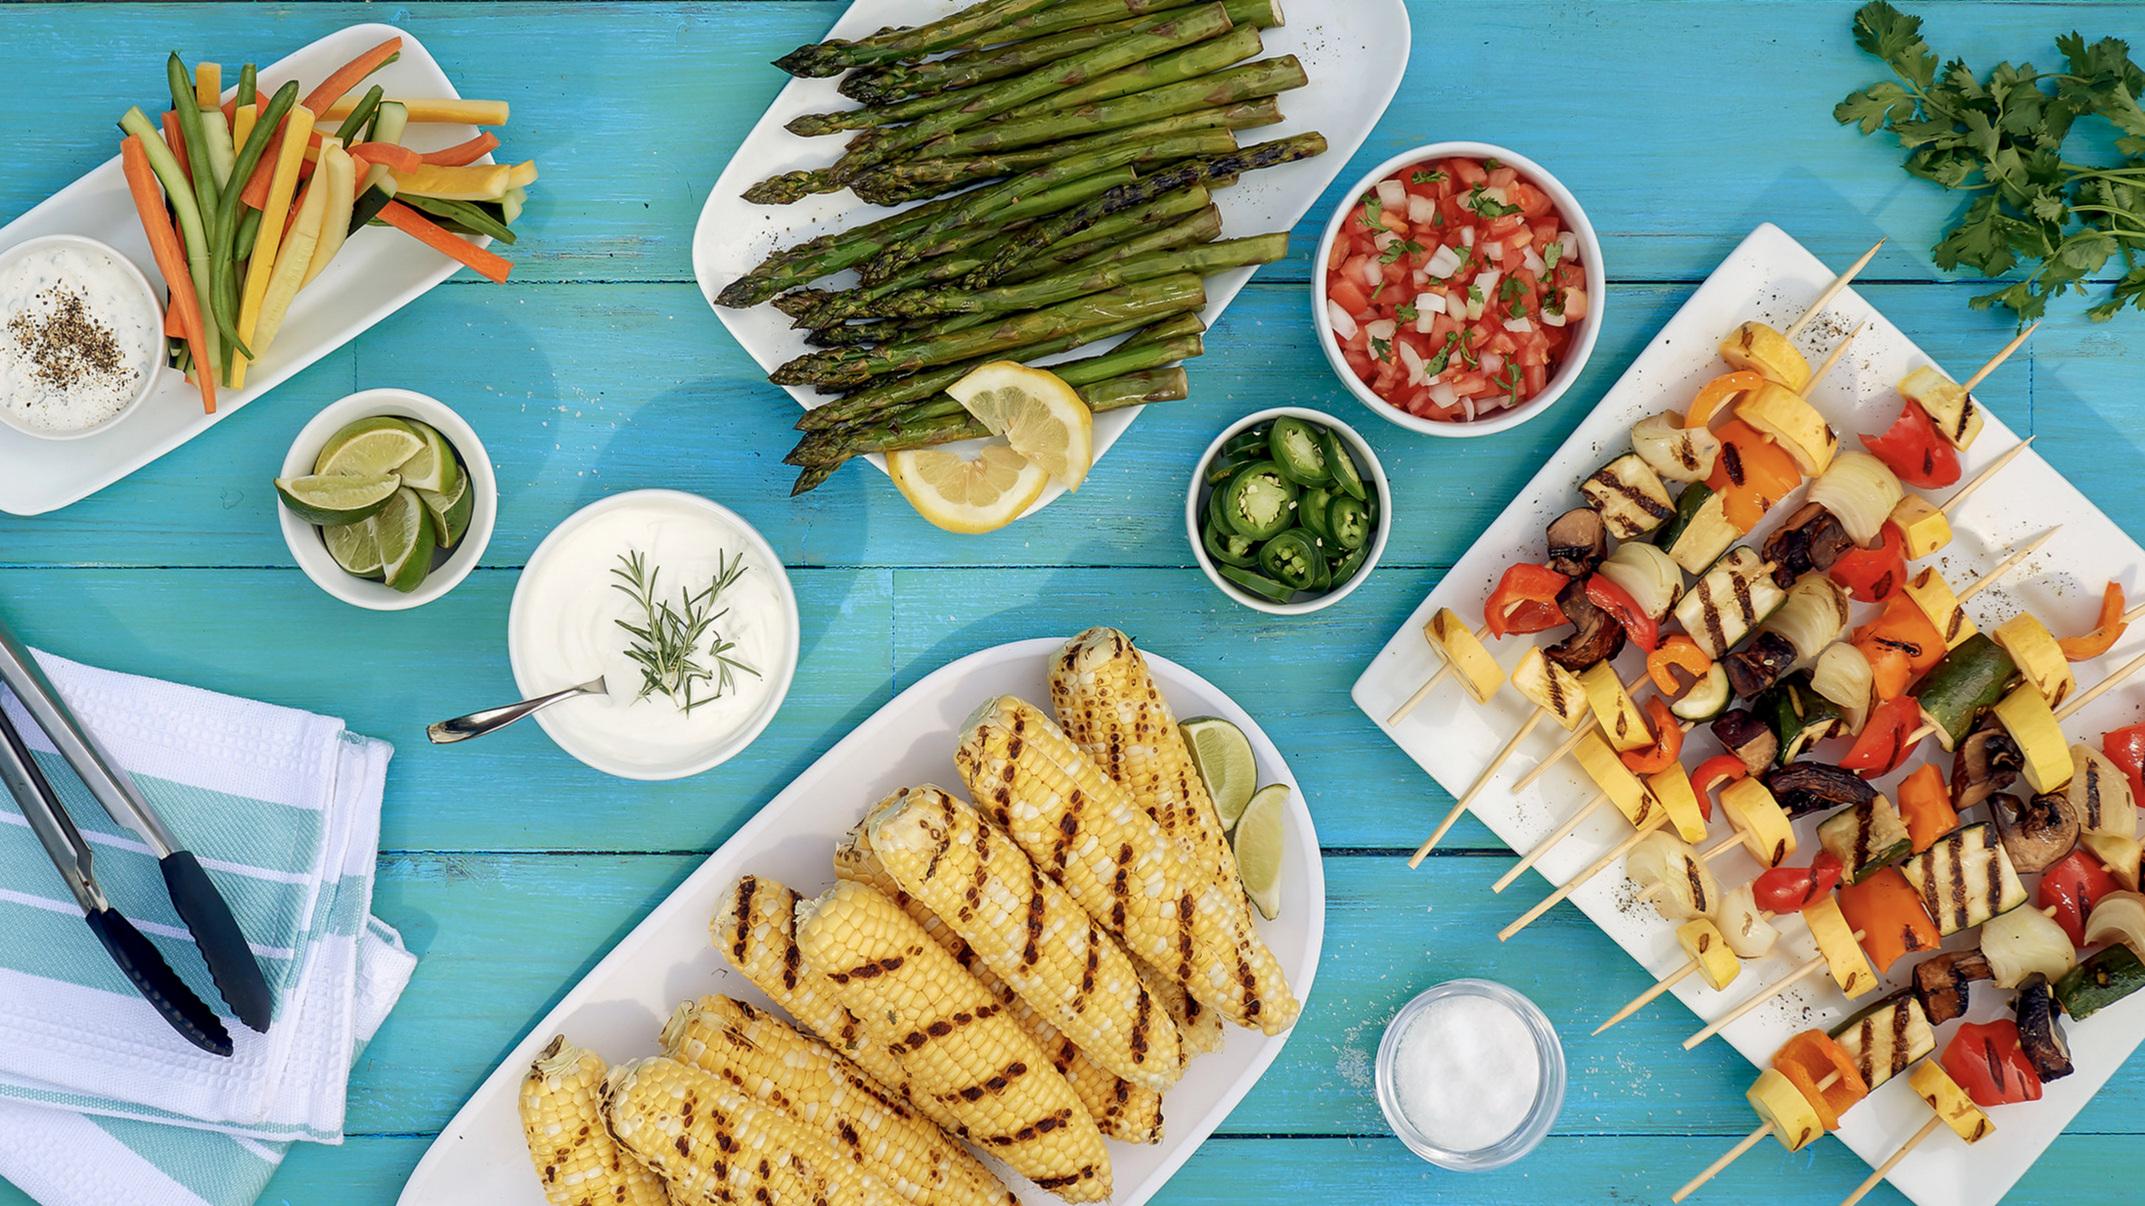 46101_Grillingvegetables_Marketing_OGP_Cucumber17158.jpg